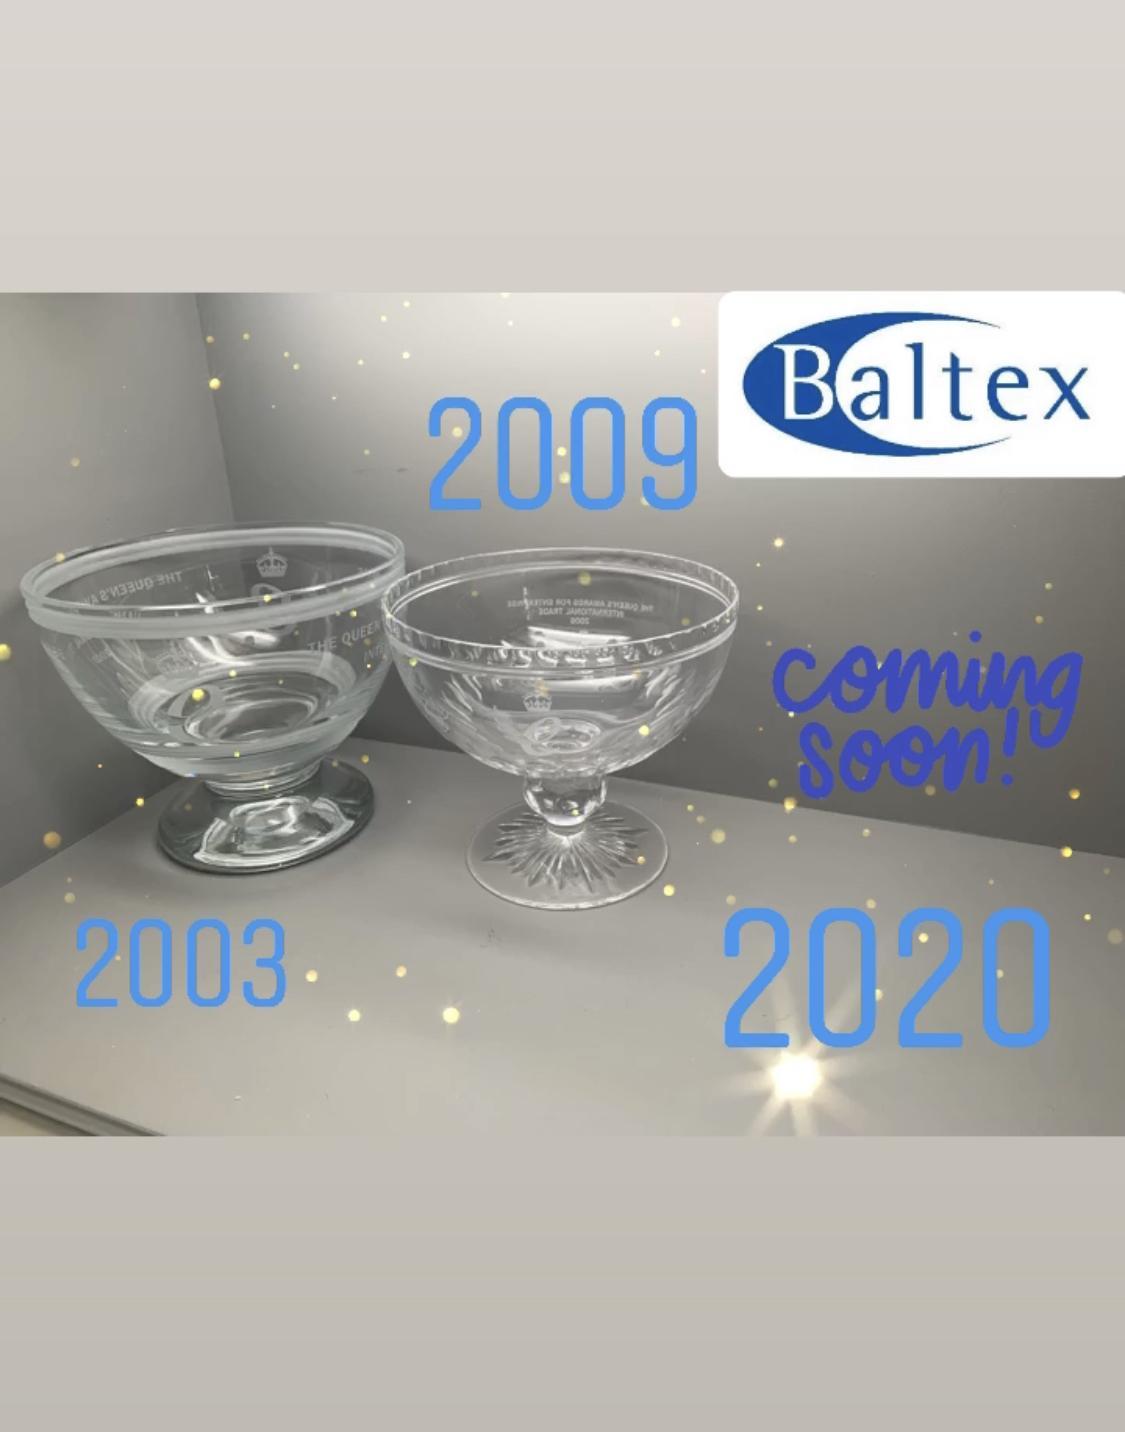 Baltex 3rd Queen's Award!